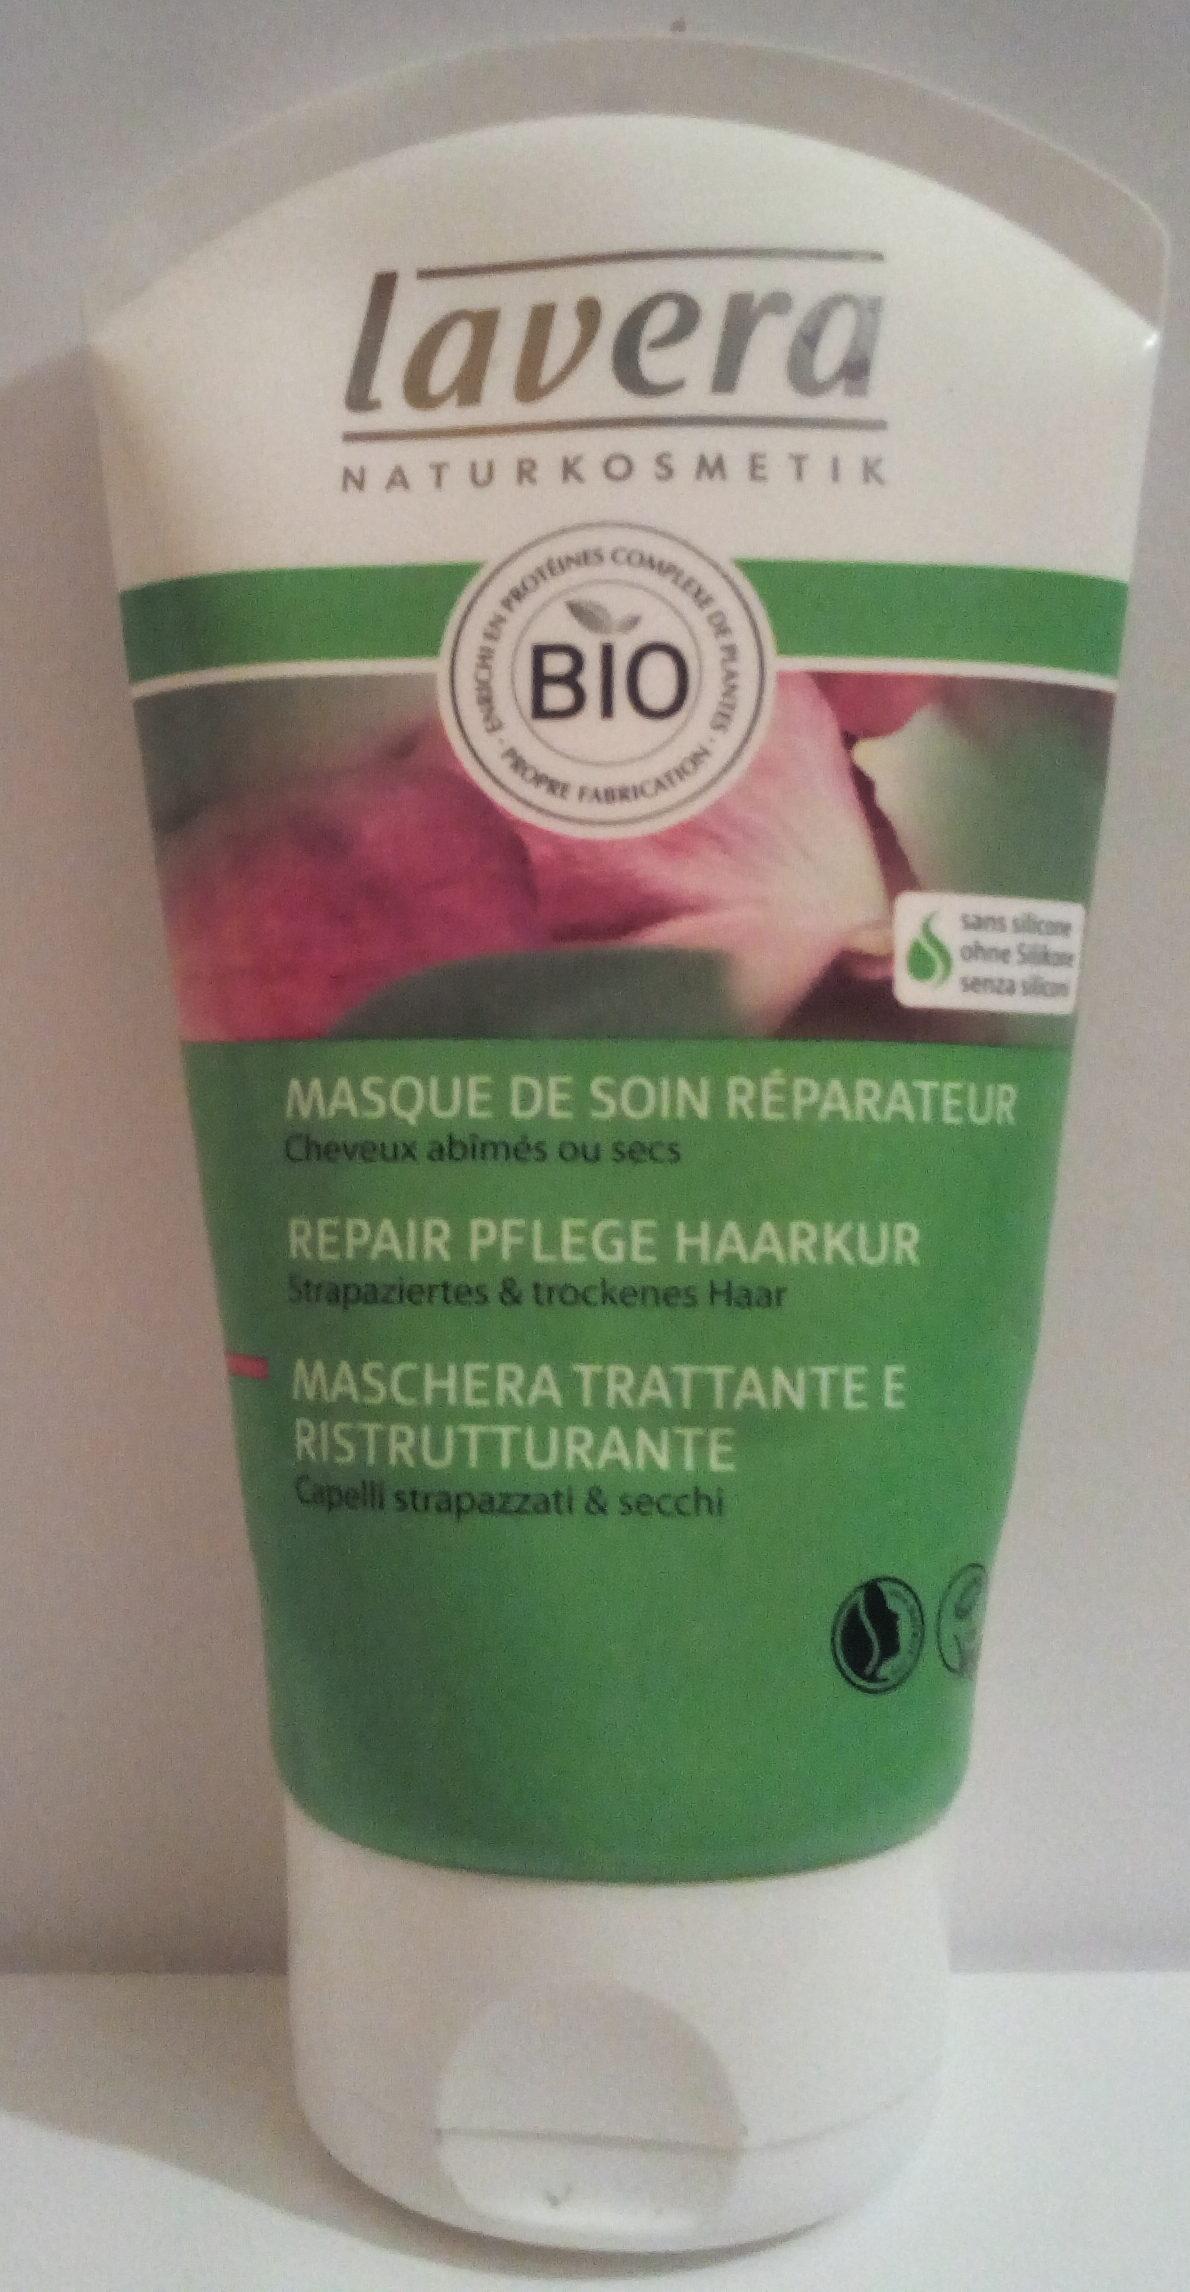 Masque de soin réparateur - Product - fr